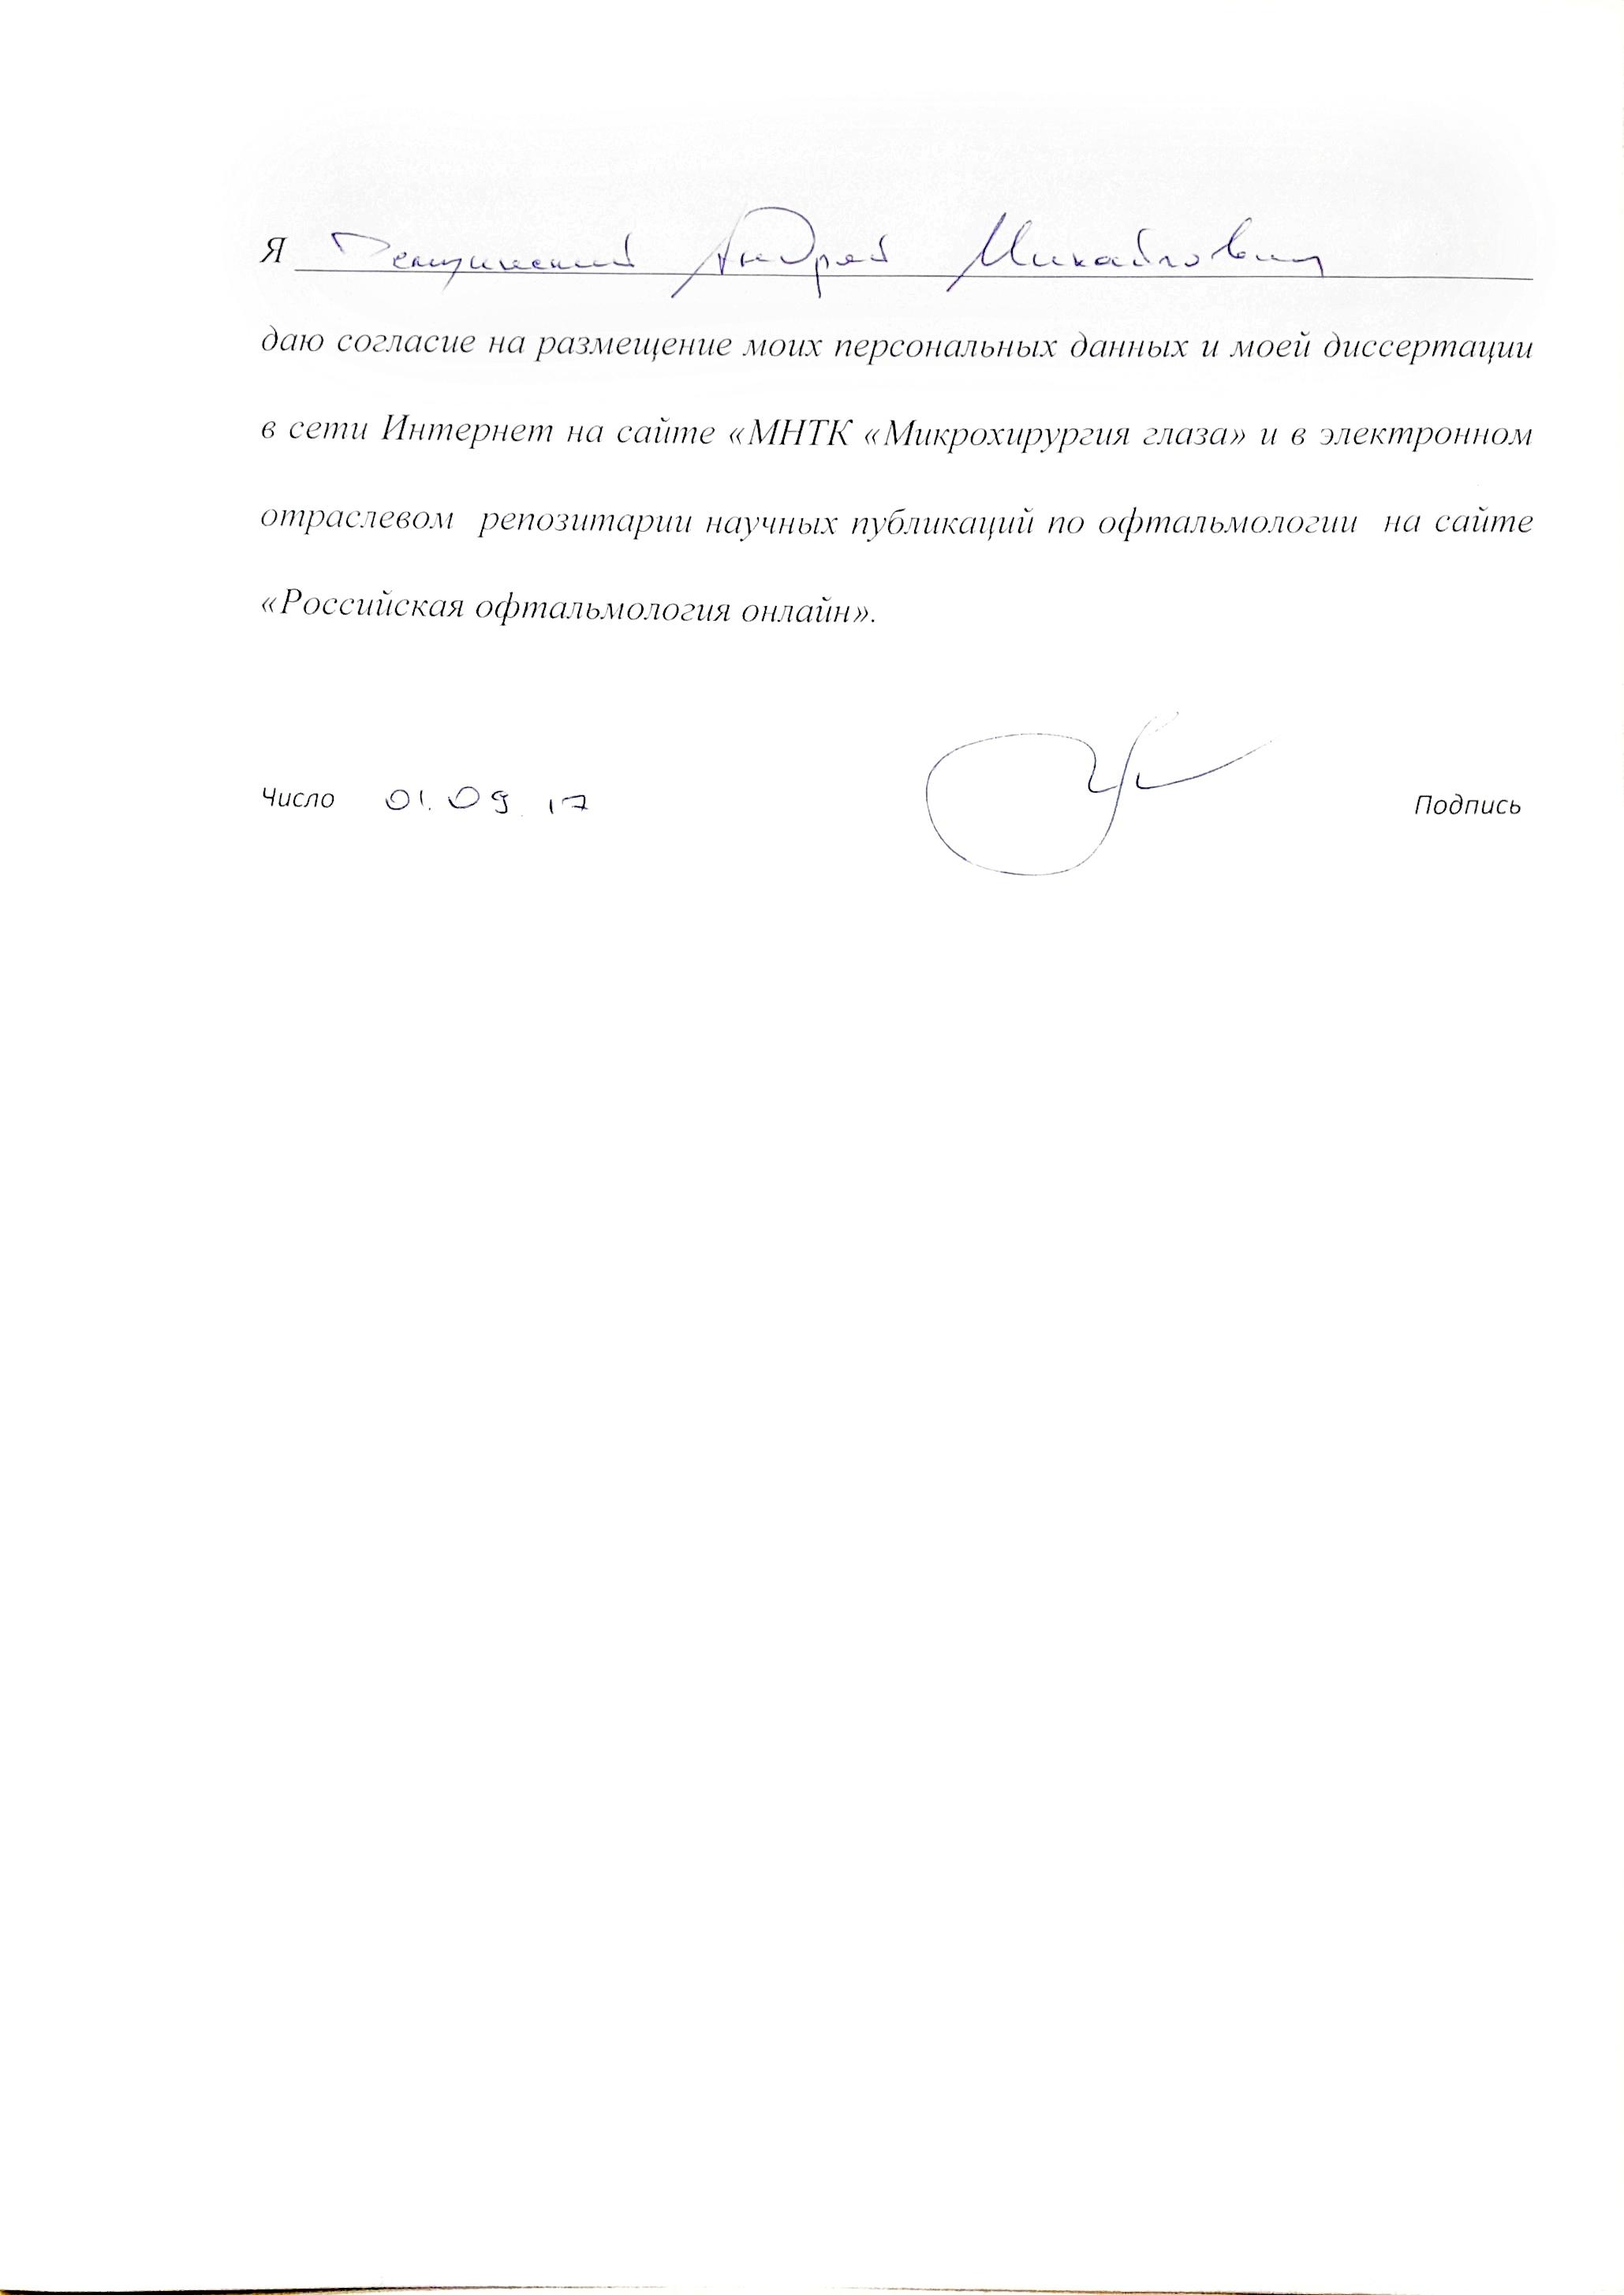 Демчинский Андрей Михайлович Согласие на размещение персональных данных и диссертации в сети интернет